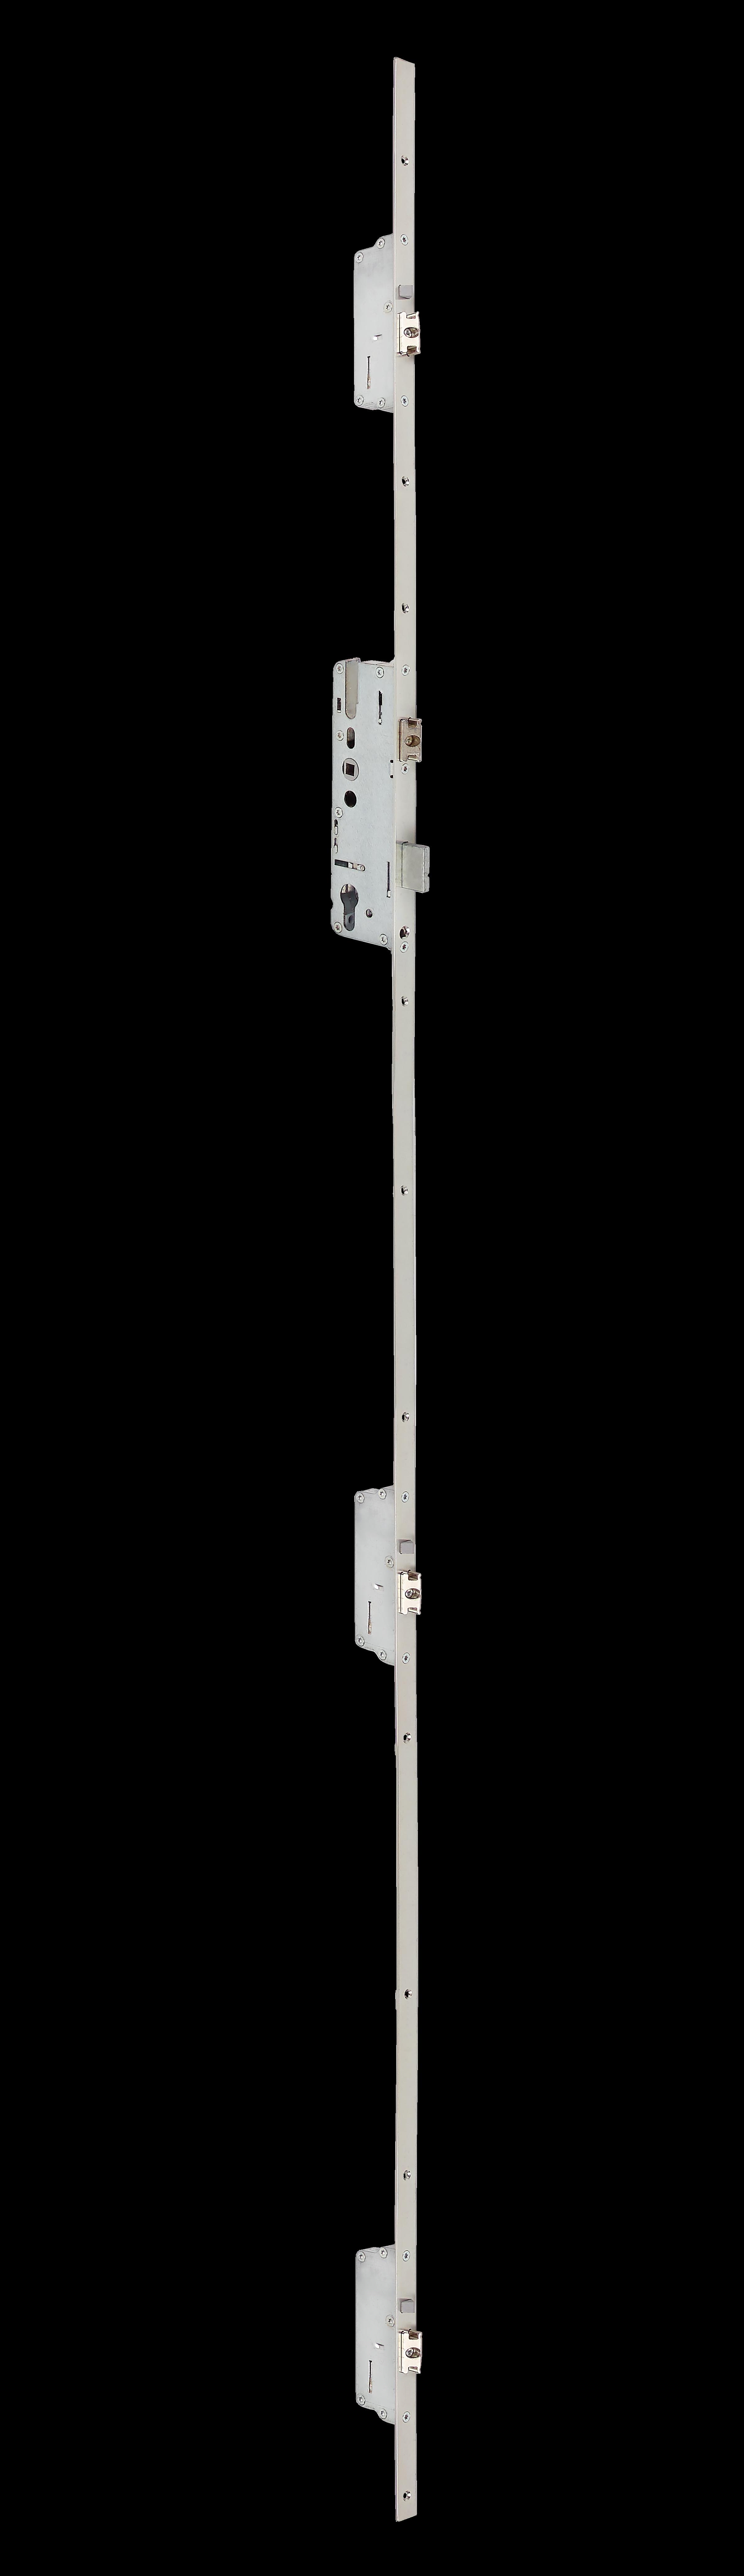 AutoEngage - Heritage multi-point lock